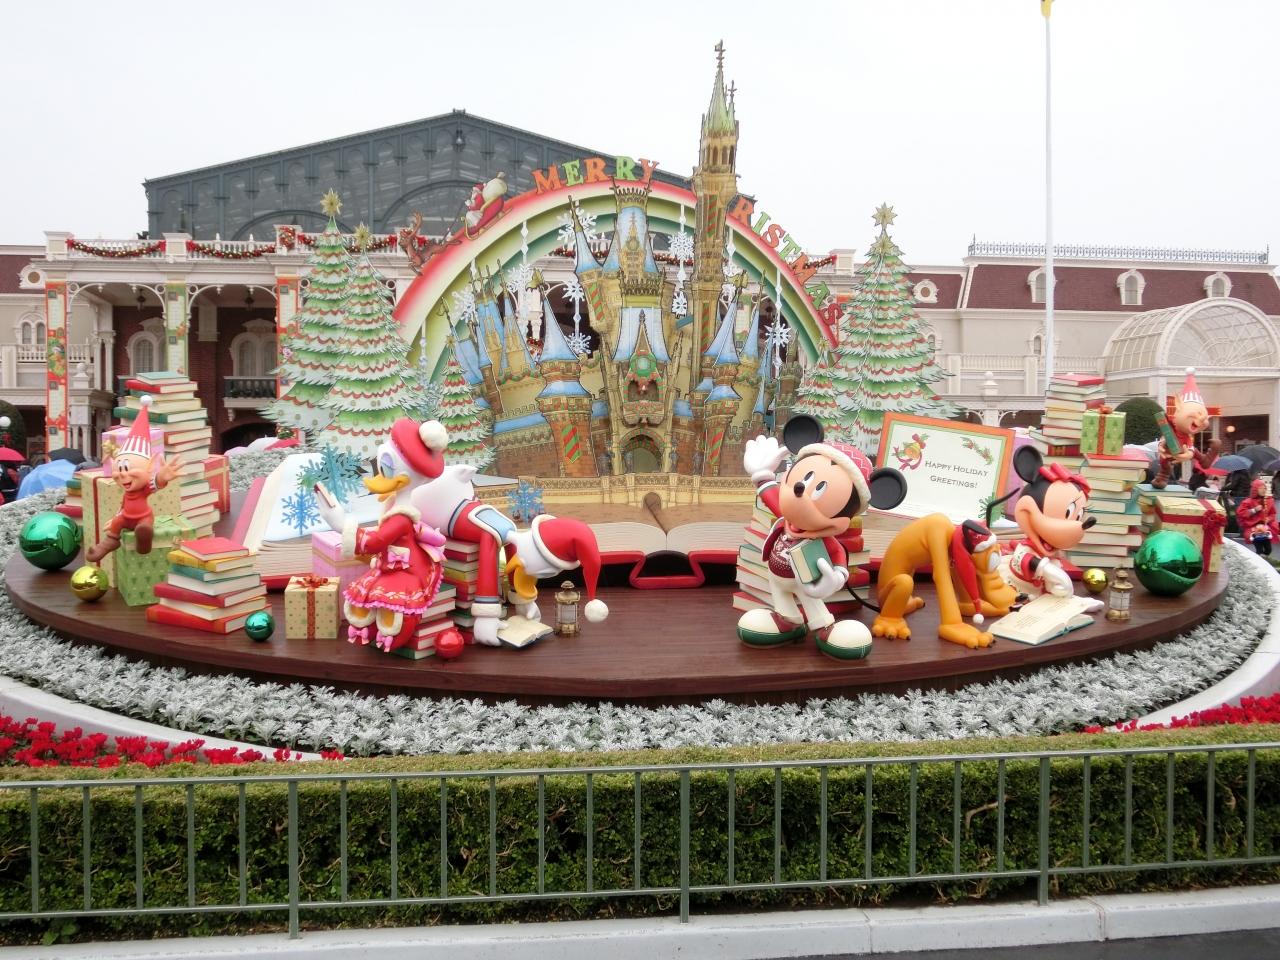 2015 2つのパークで「ディズニー・クリスマス」を楽しむ2days